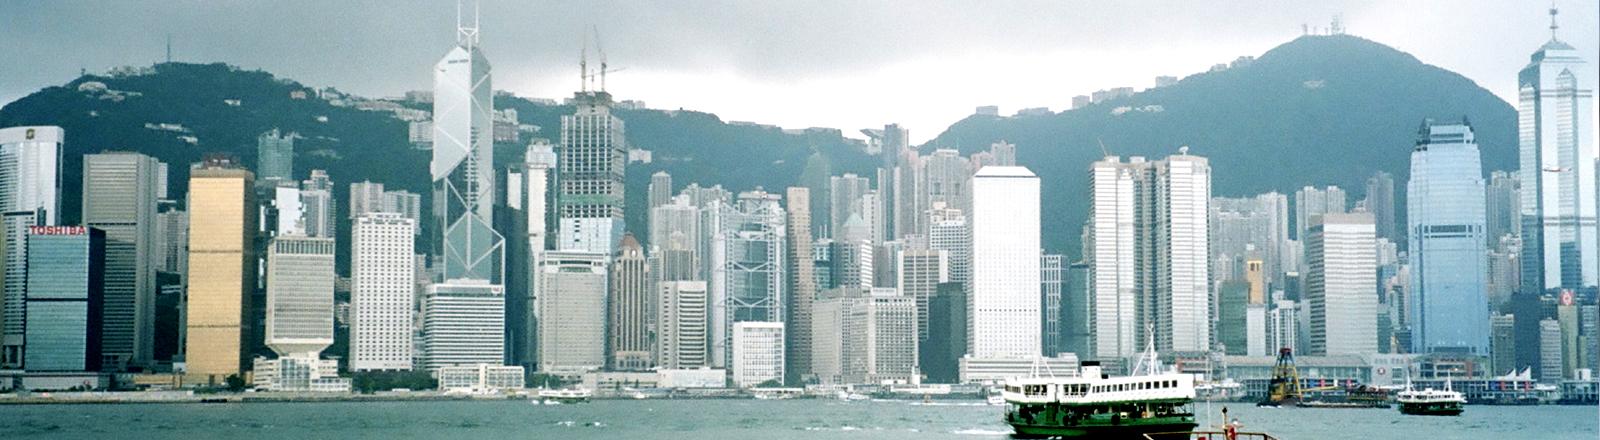 Die Skyline von Hongkong vom Meer aus betrachtet.